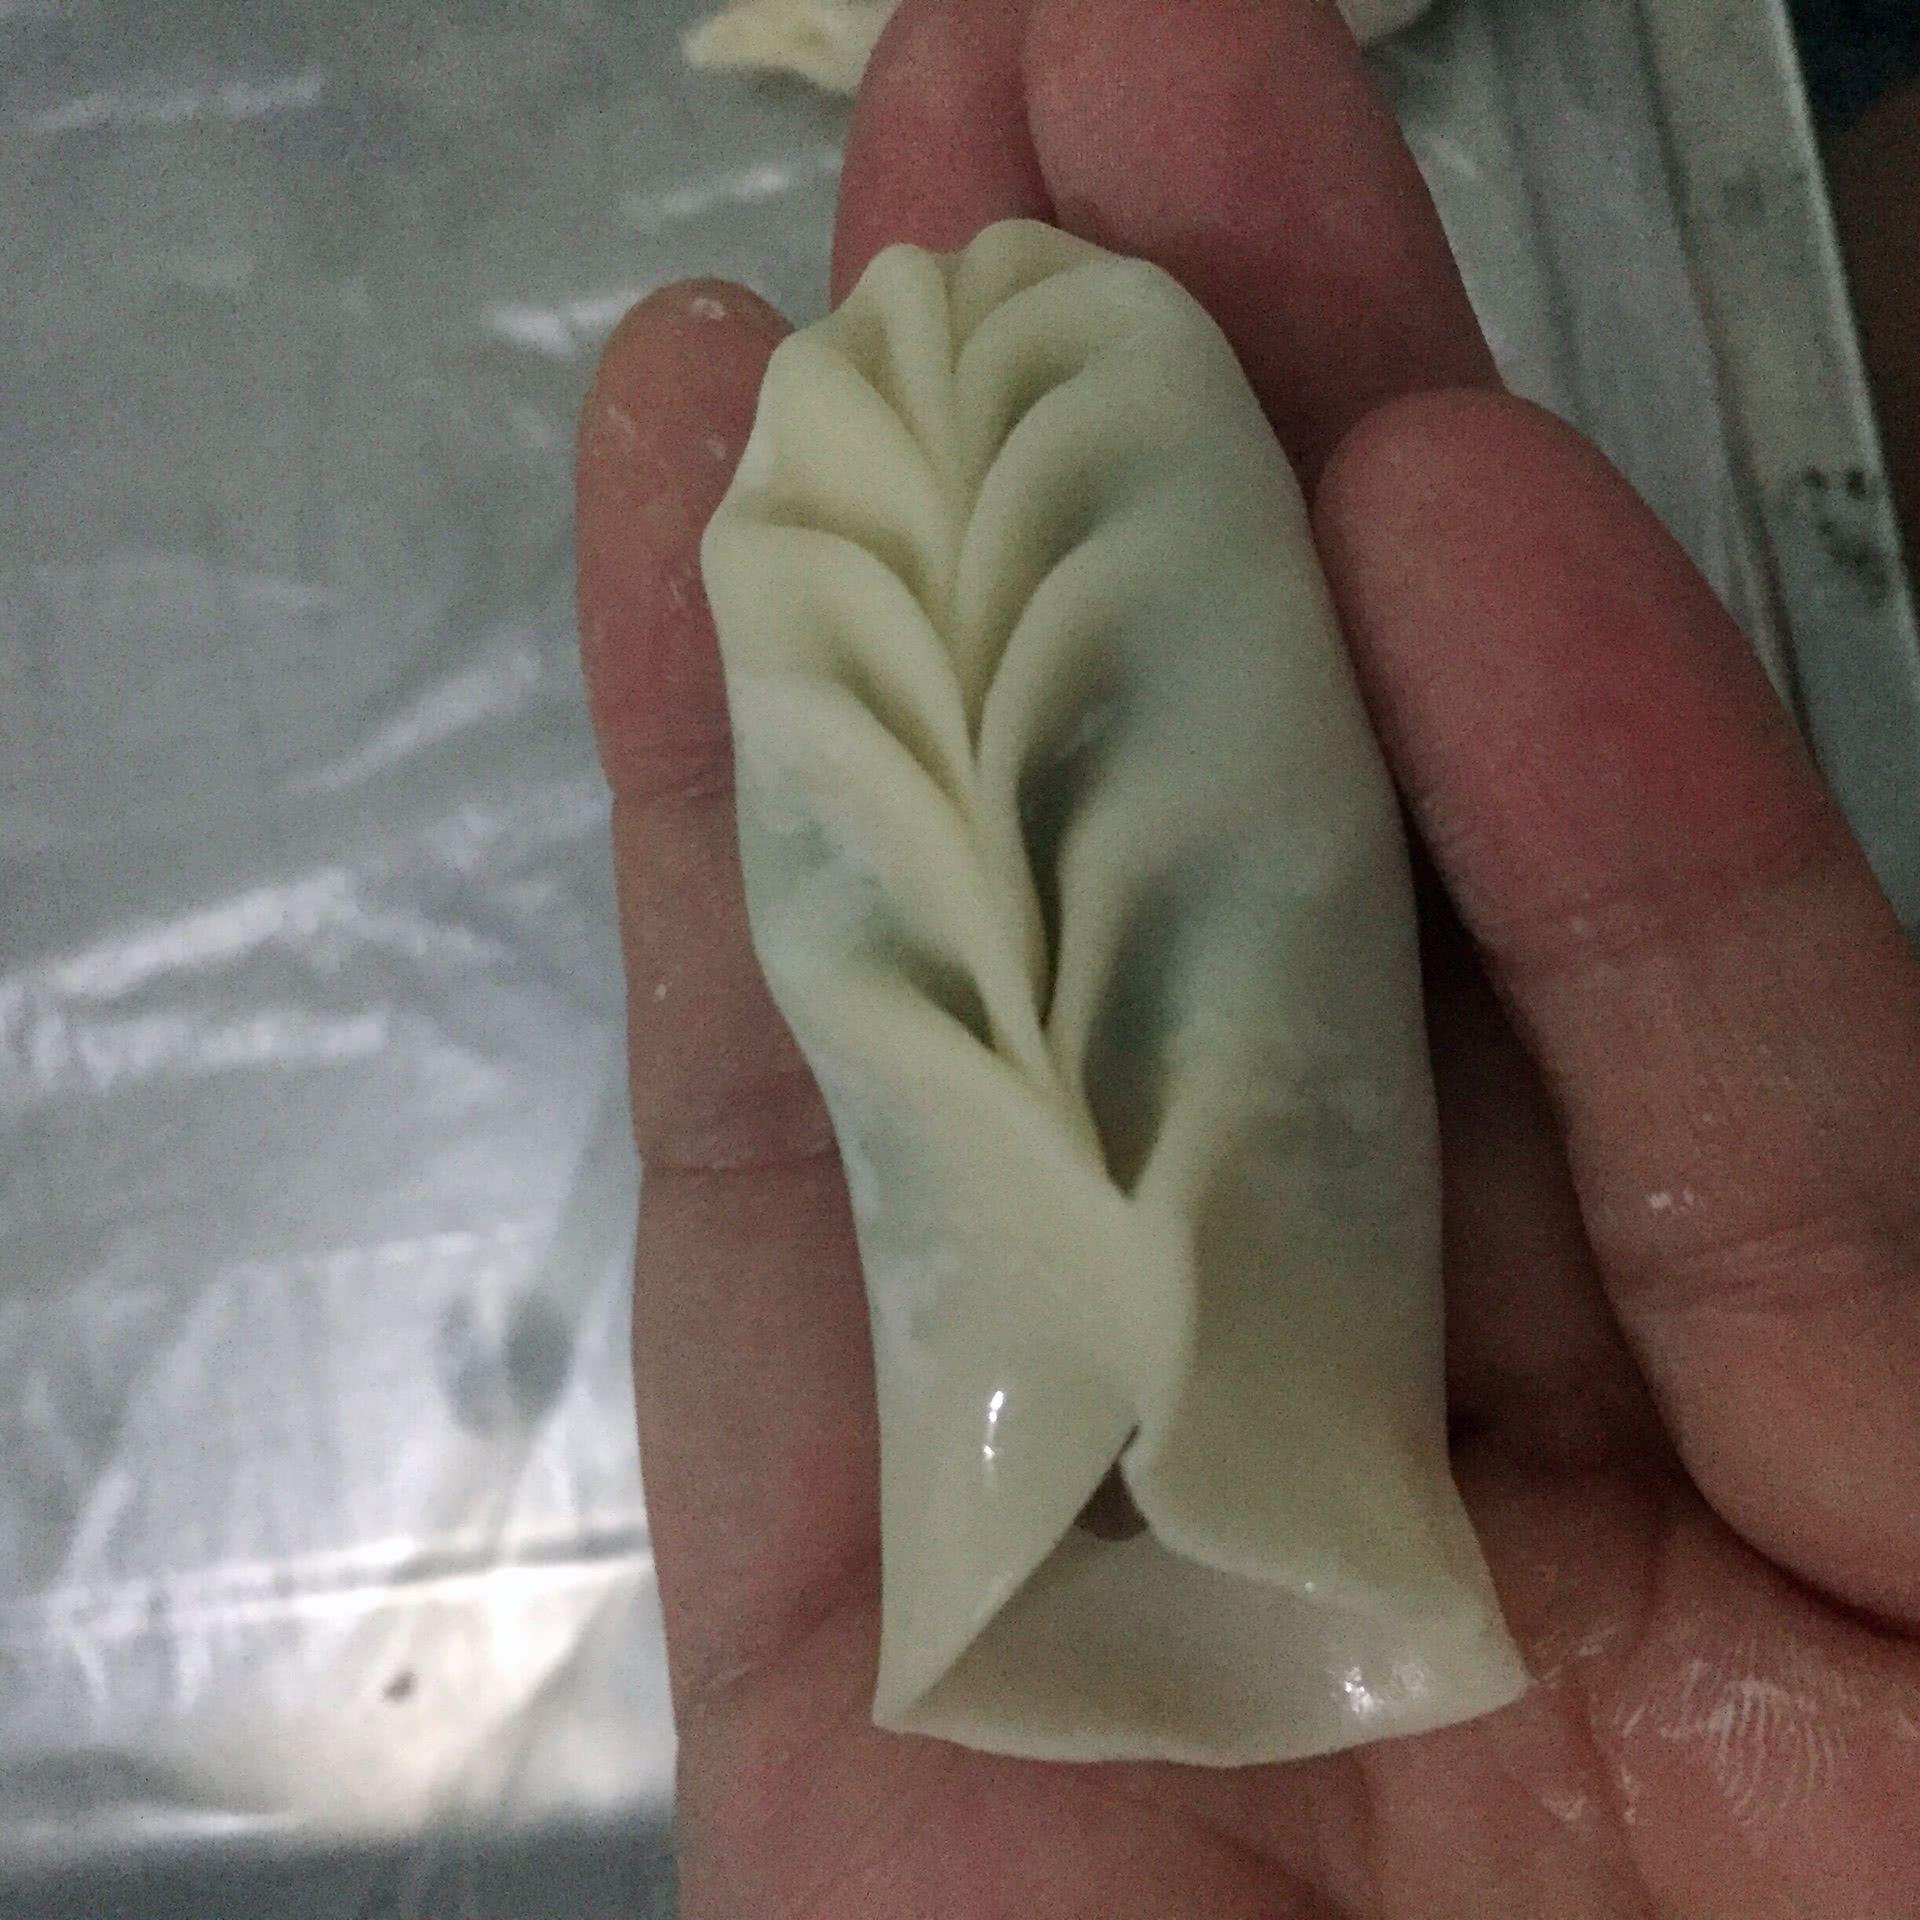 柳叶饺子(沙县老鼠蒸饺)的做法图解6